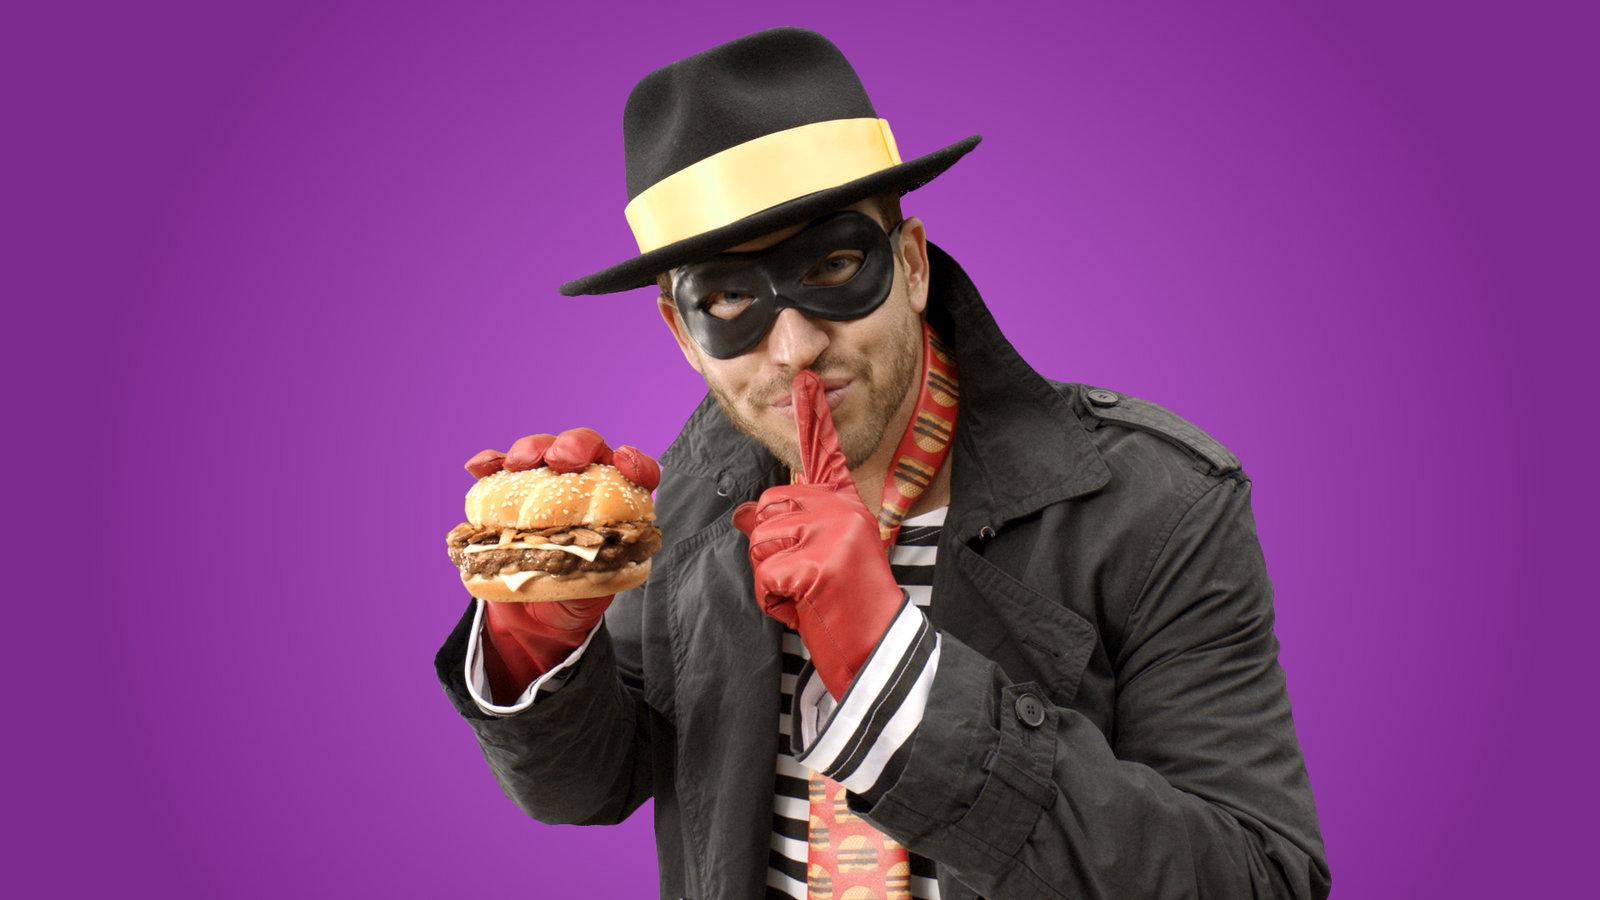 mcdonalds-hamburglar-close-up-shot-two.jpg